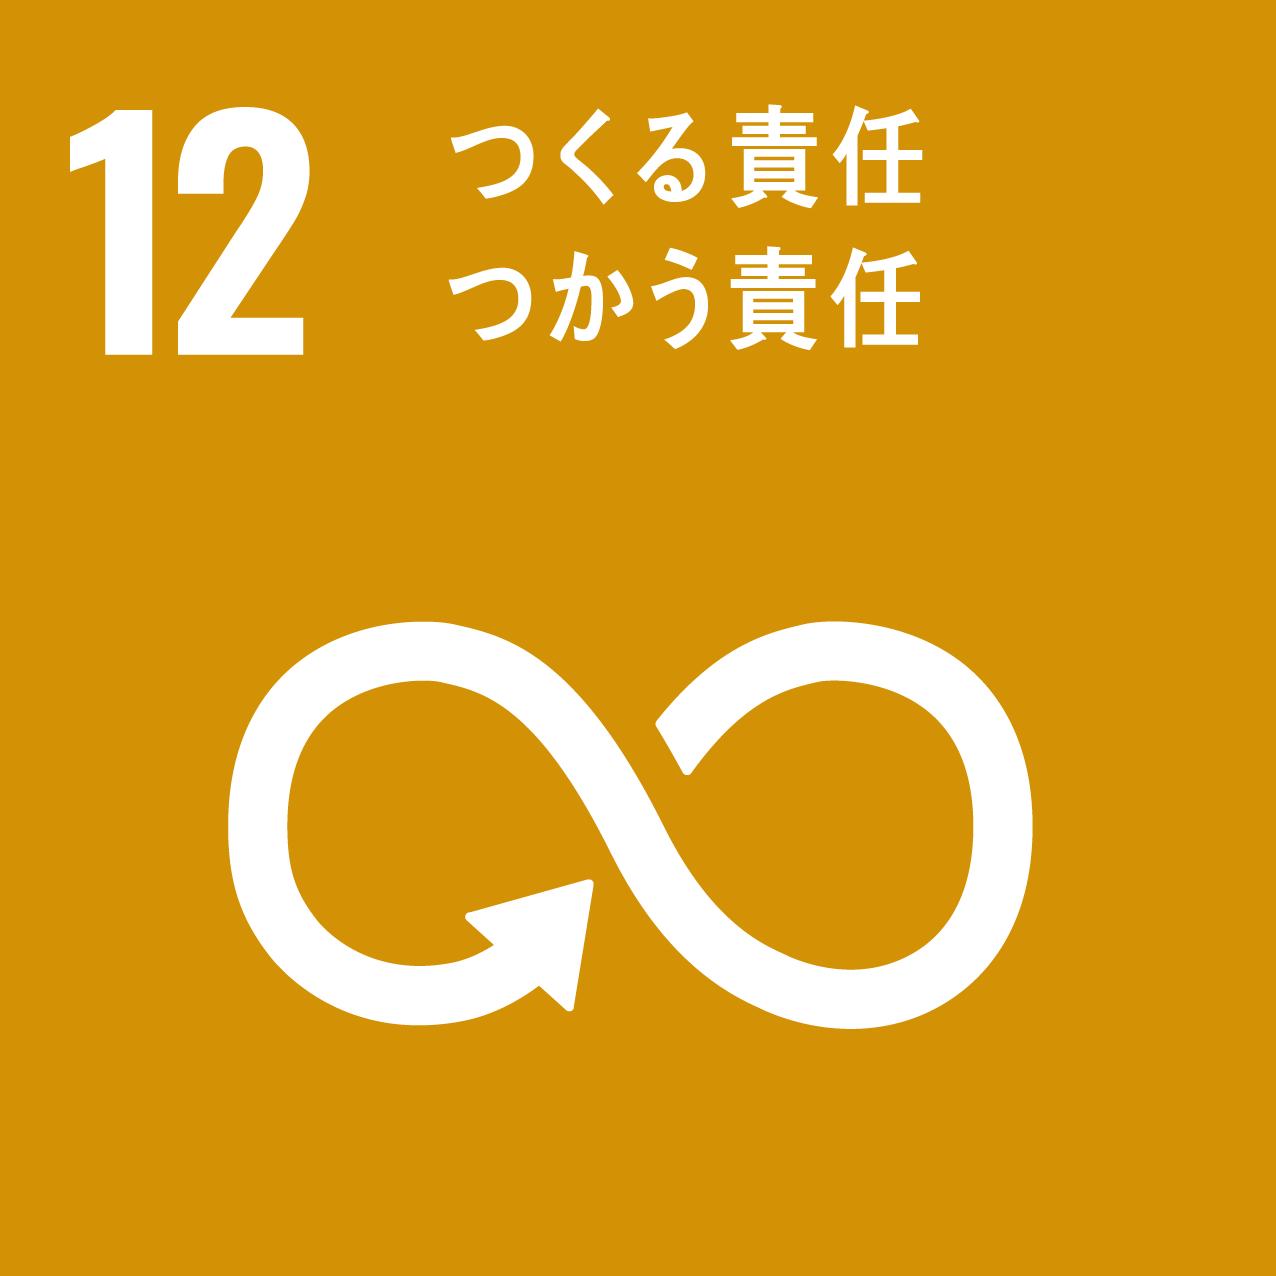 SDGs 12.つくる責任つかう責任